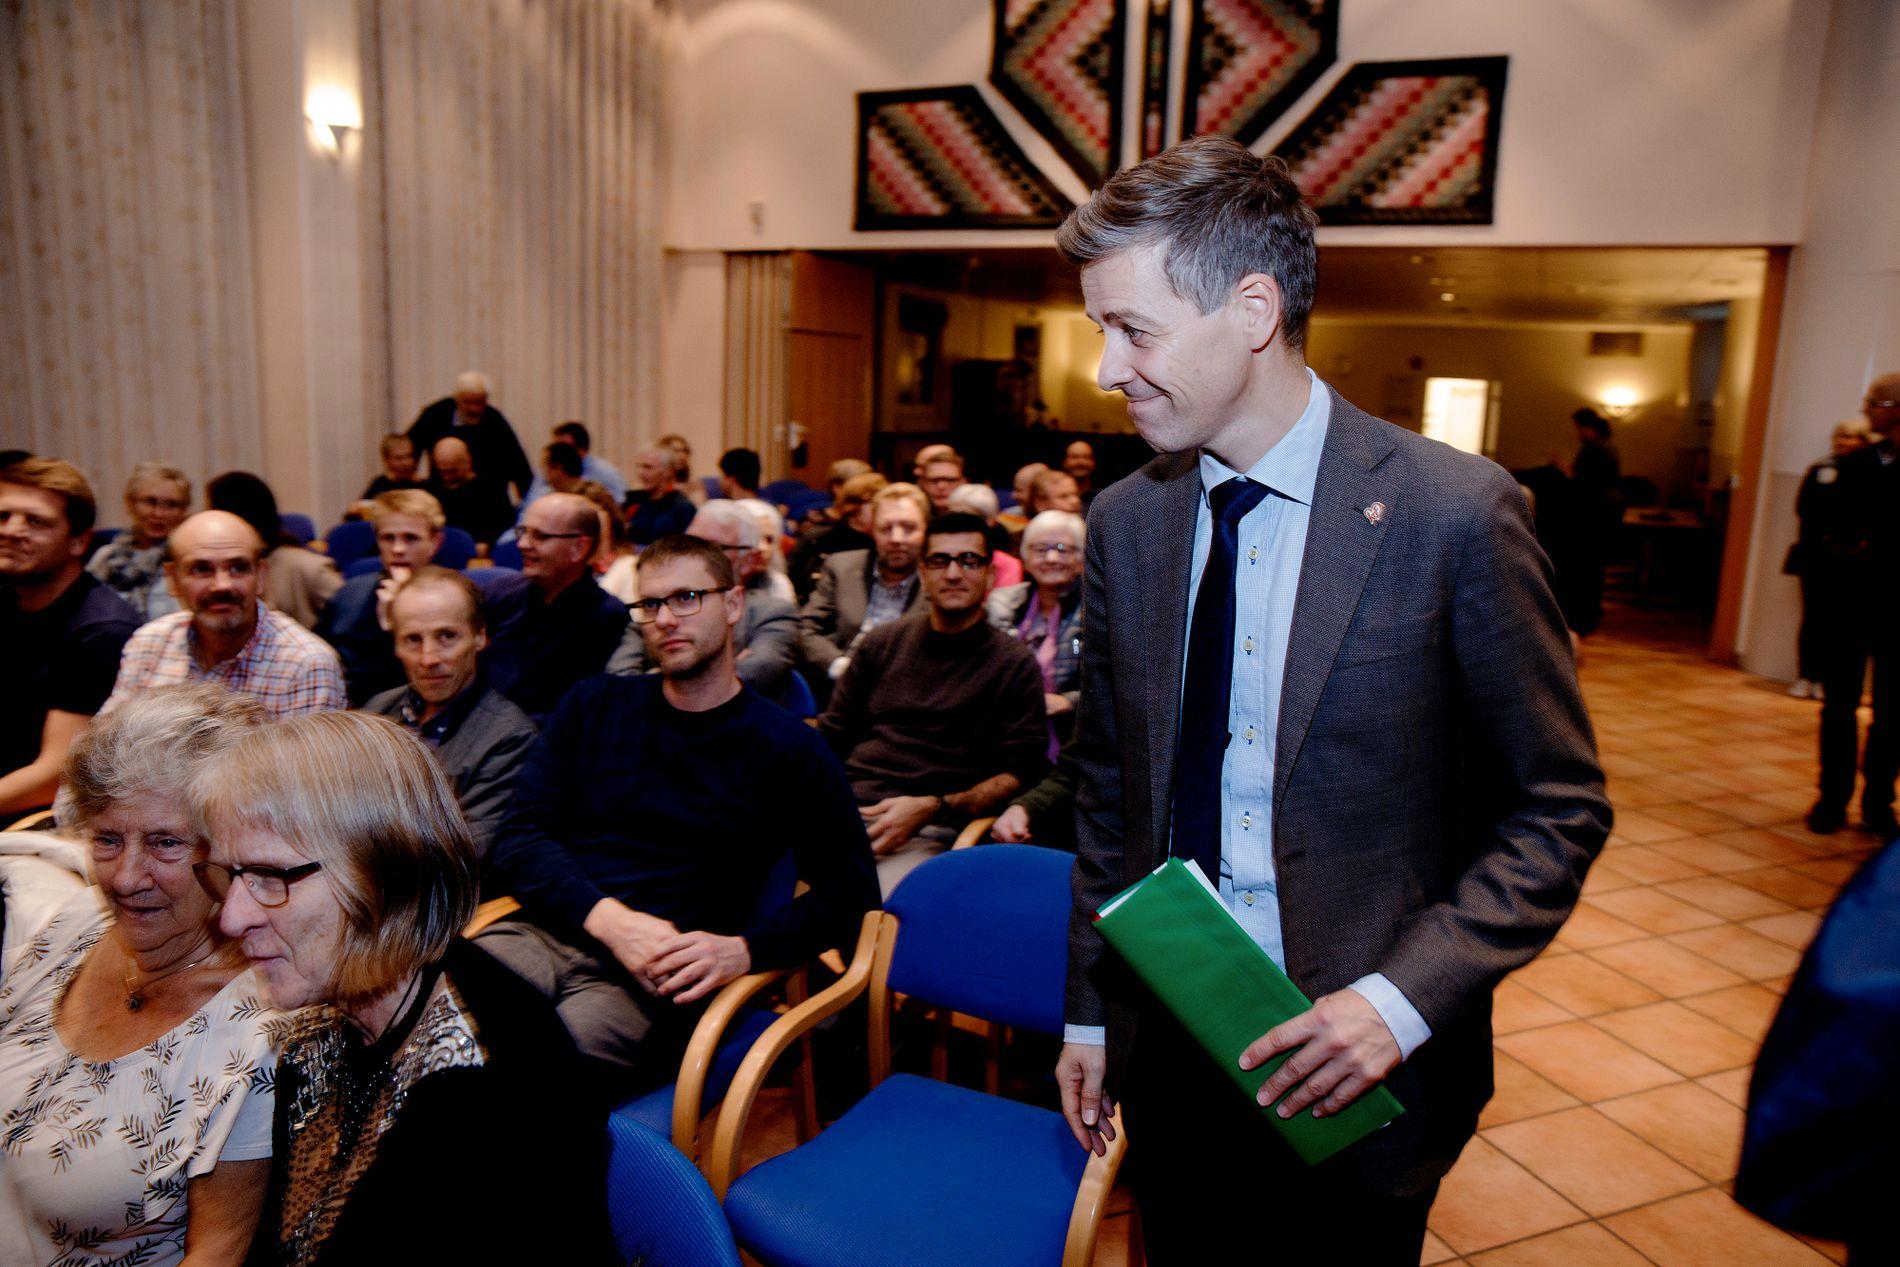 SEIER: KrF-leder Knut Arild Hareide mener Høyesterettsdommen i saken om legen som reserverte seg mot å sette inn spiral er en viktig seier for samvittighetsfriheten i Norge.